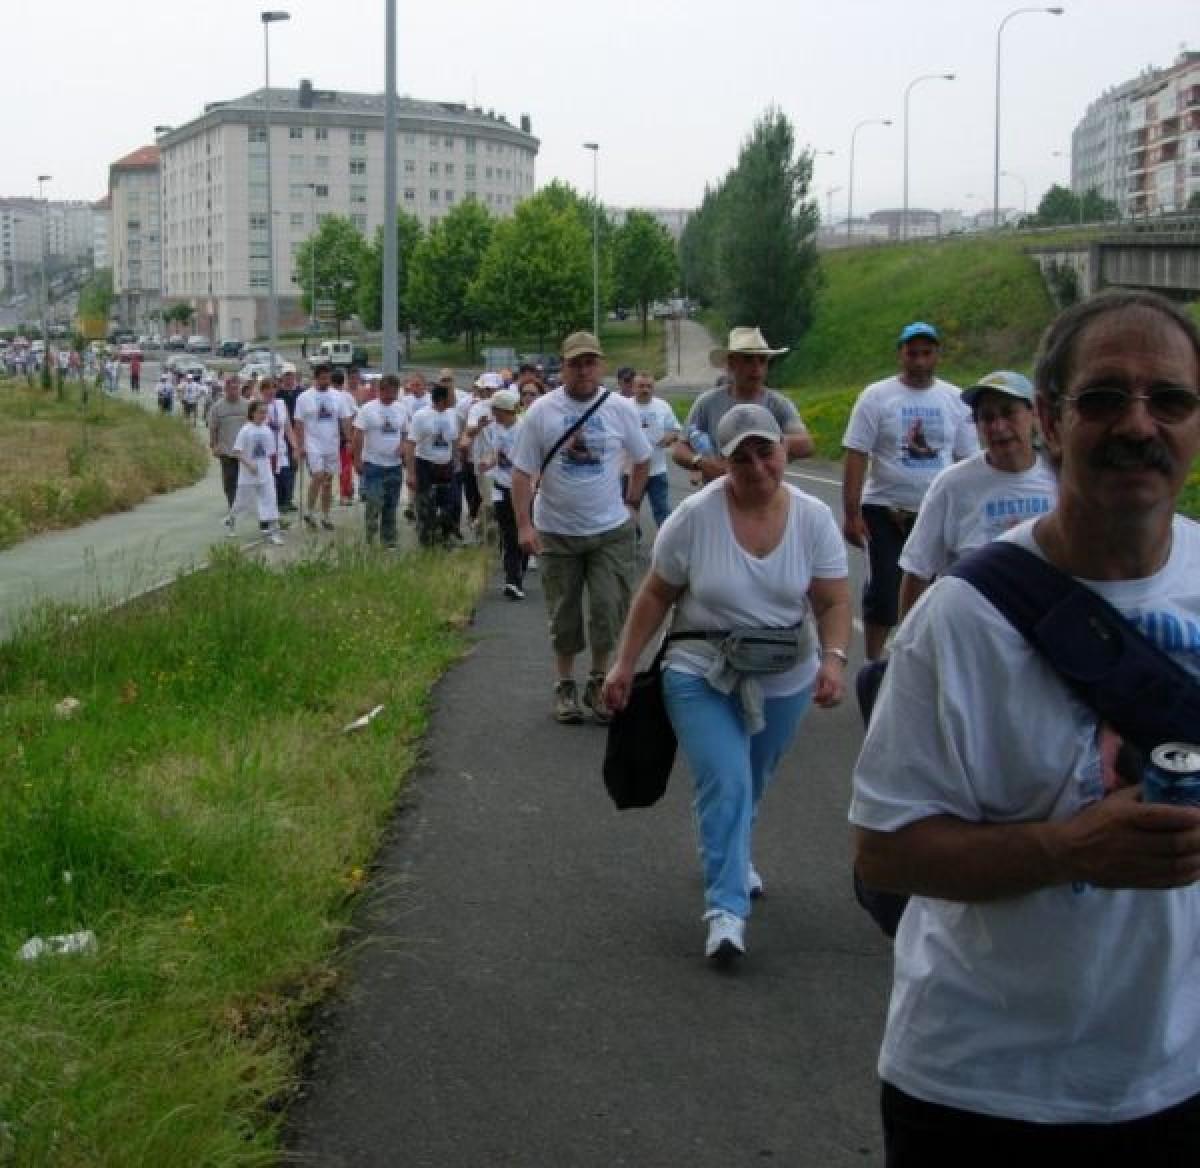 Nas semanas seguintes unha marcha a pé até Teixeiro reclamou a liberación de Bastida